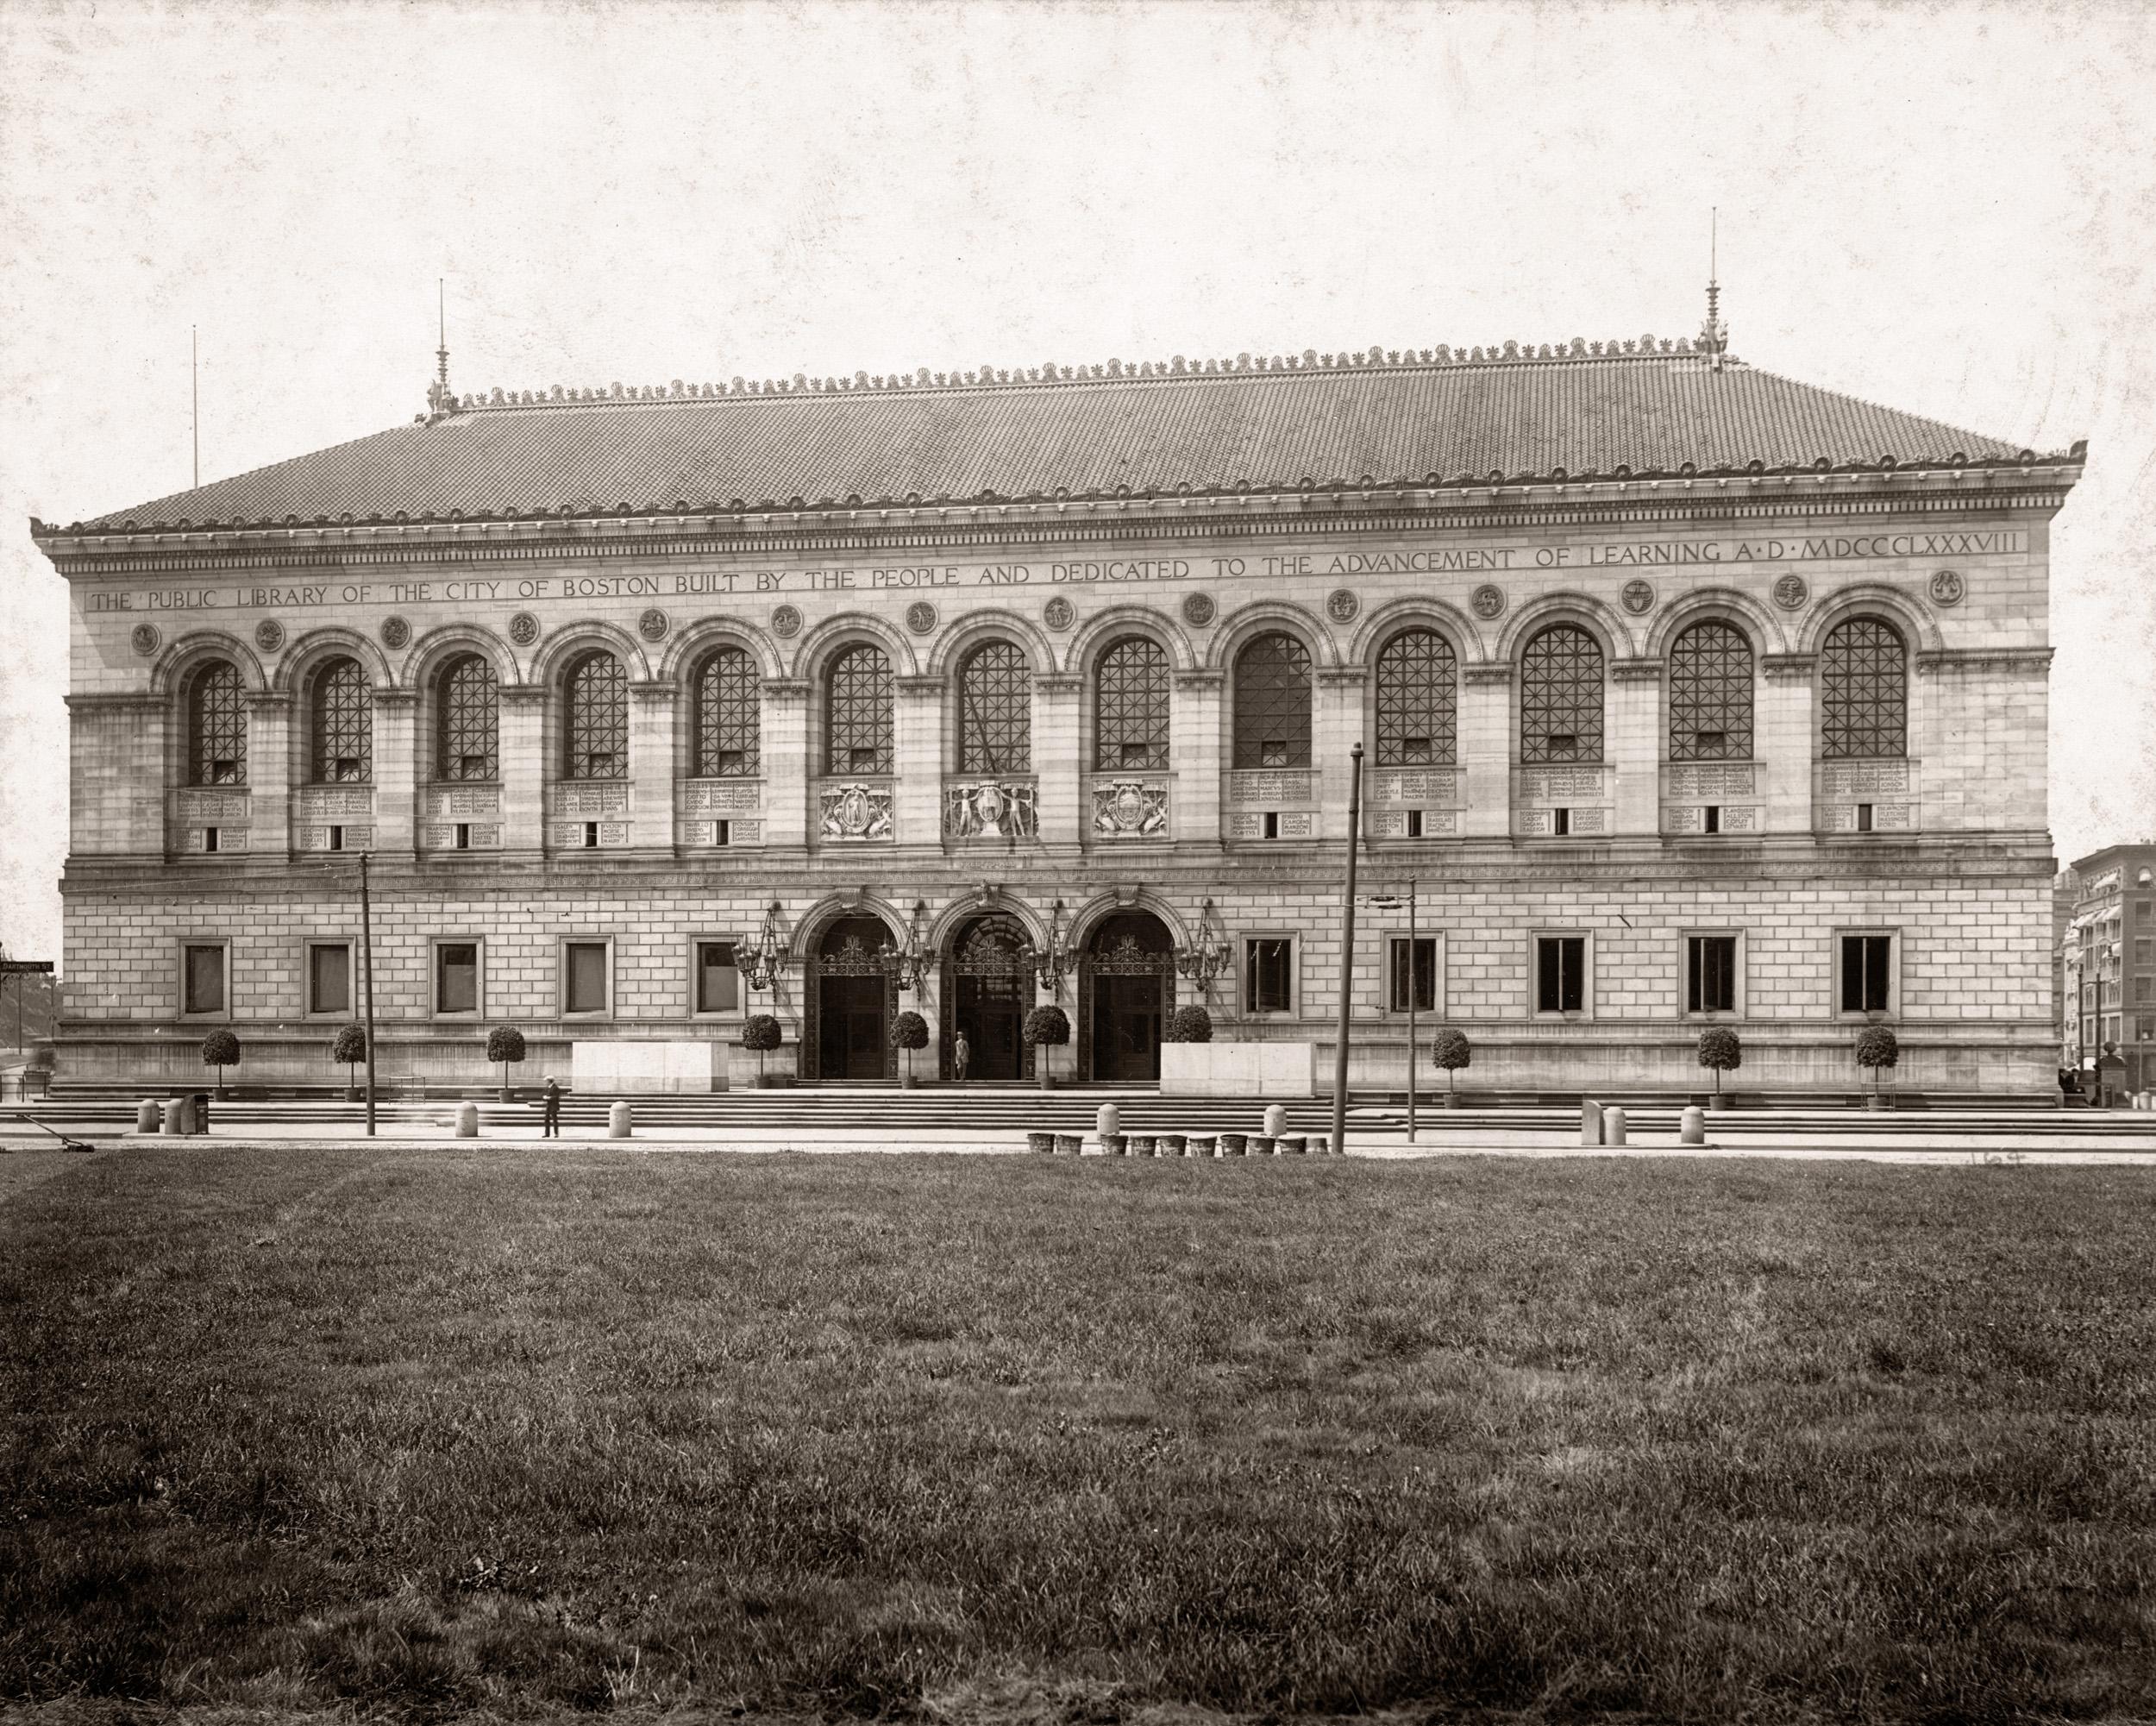 Boston Public Library, Copley Square Facade